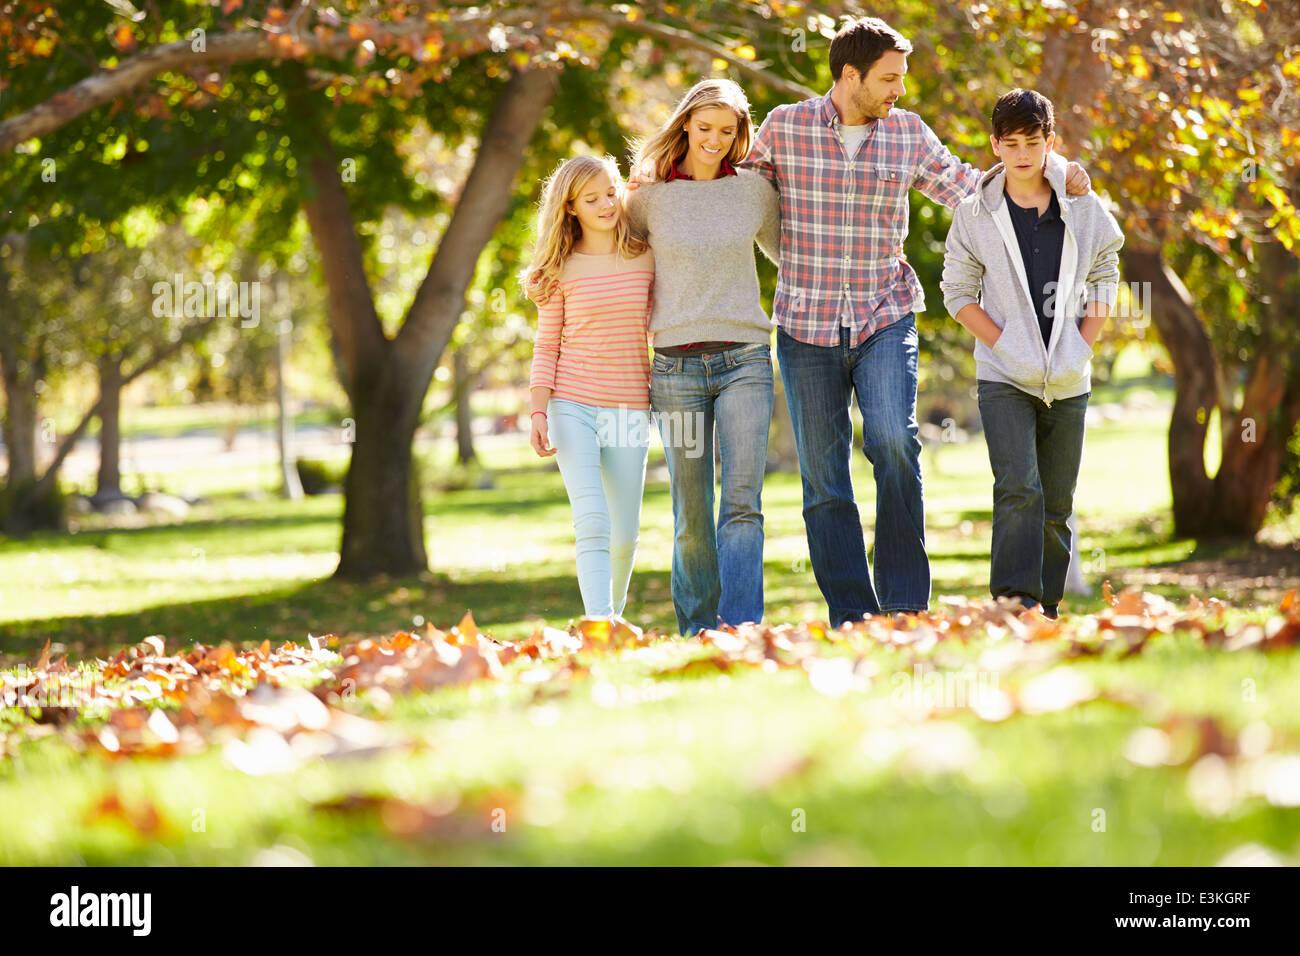 Familia caminando a través del bosque de Otoño Imagen De Stock